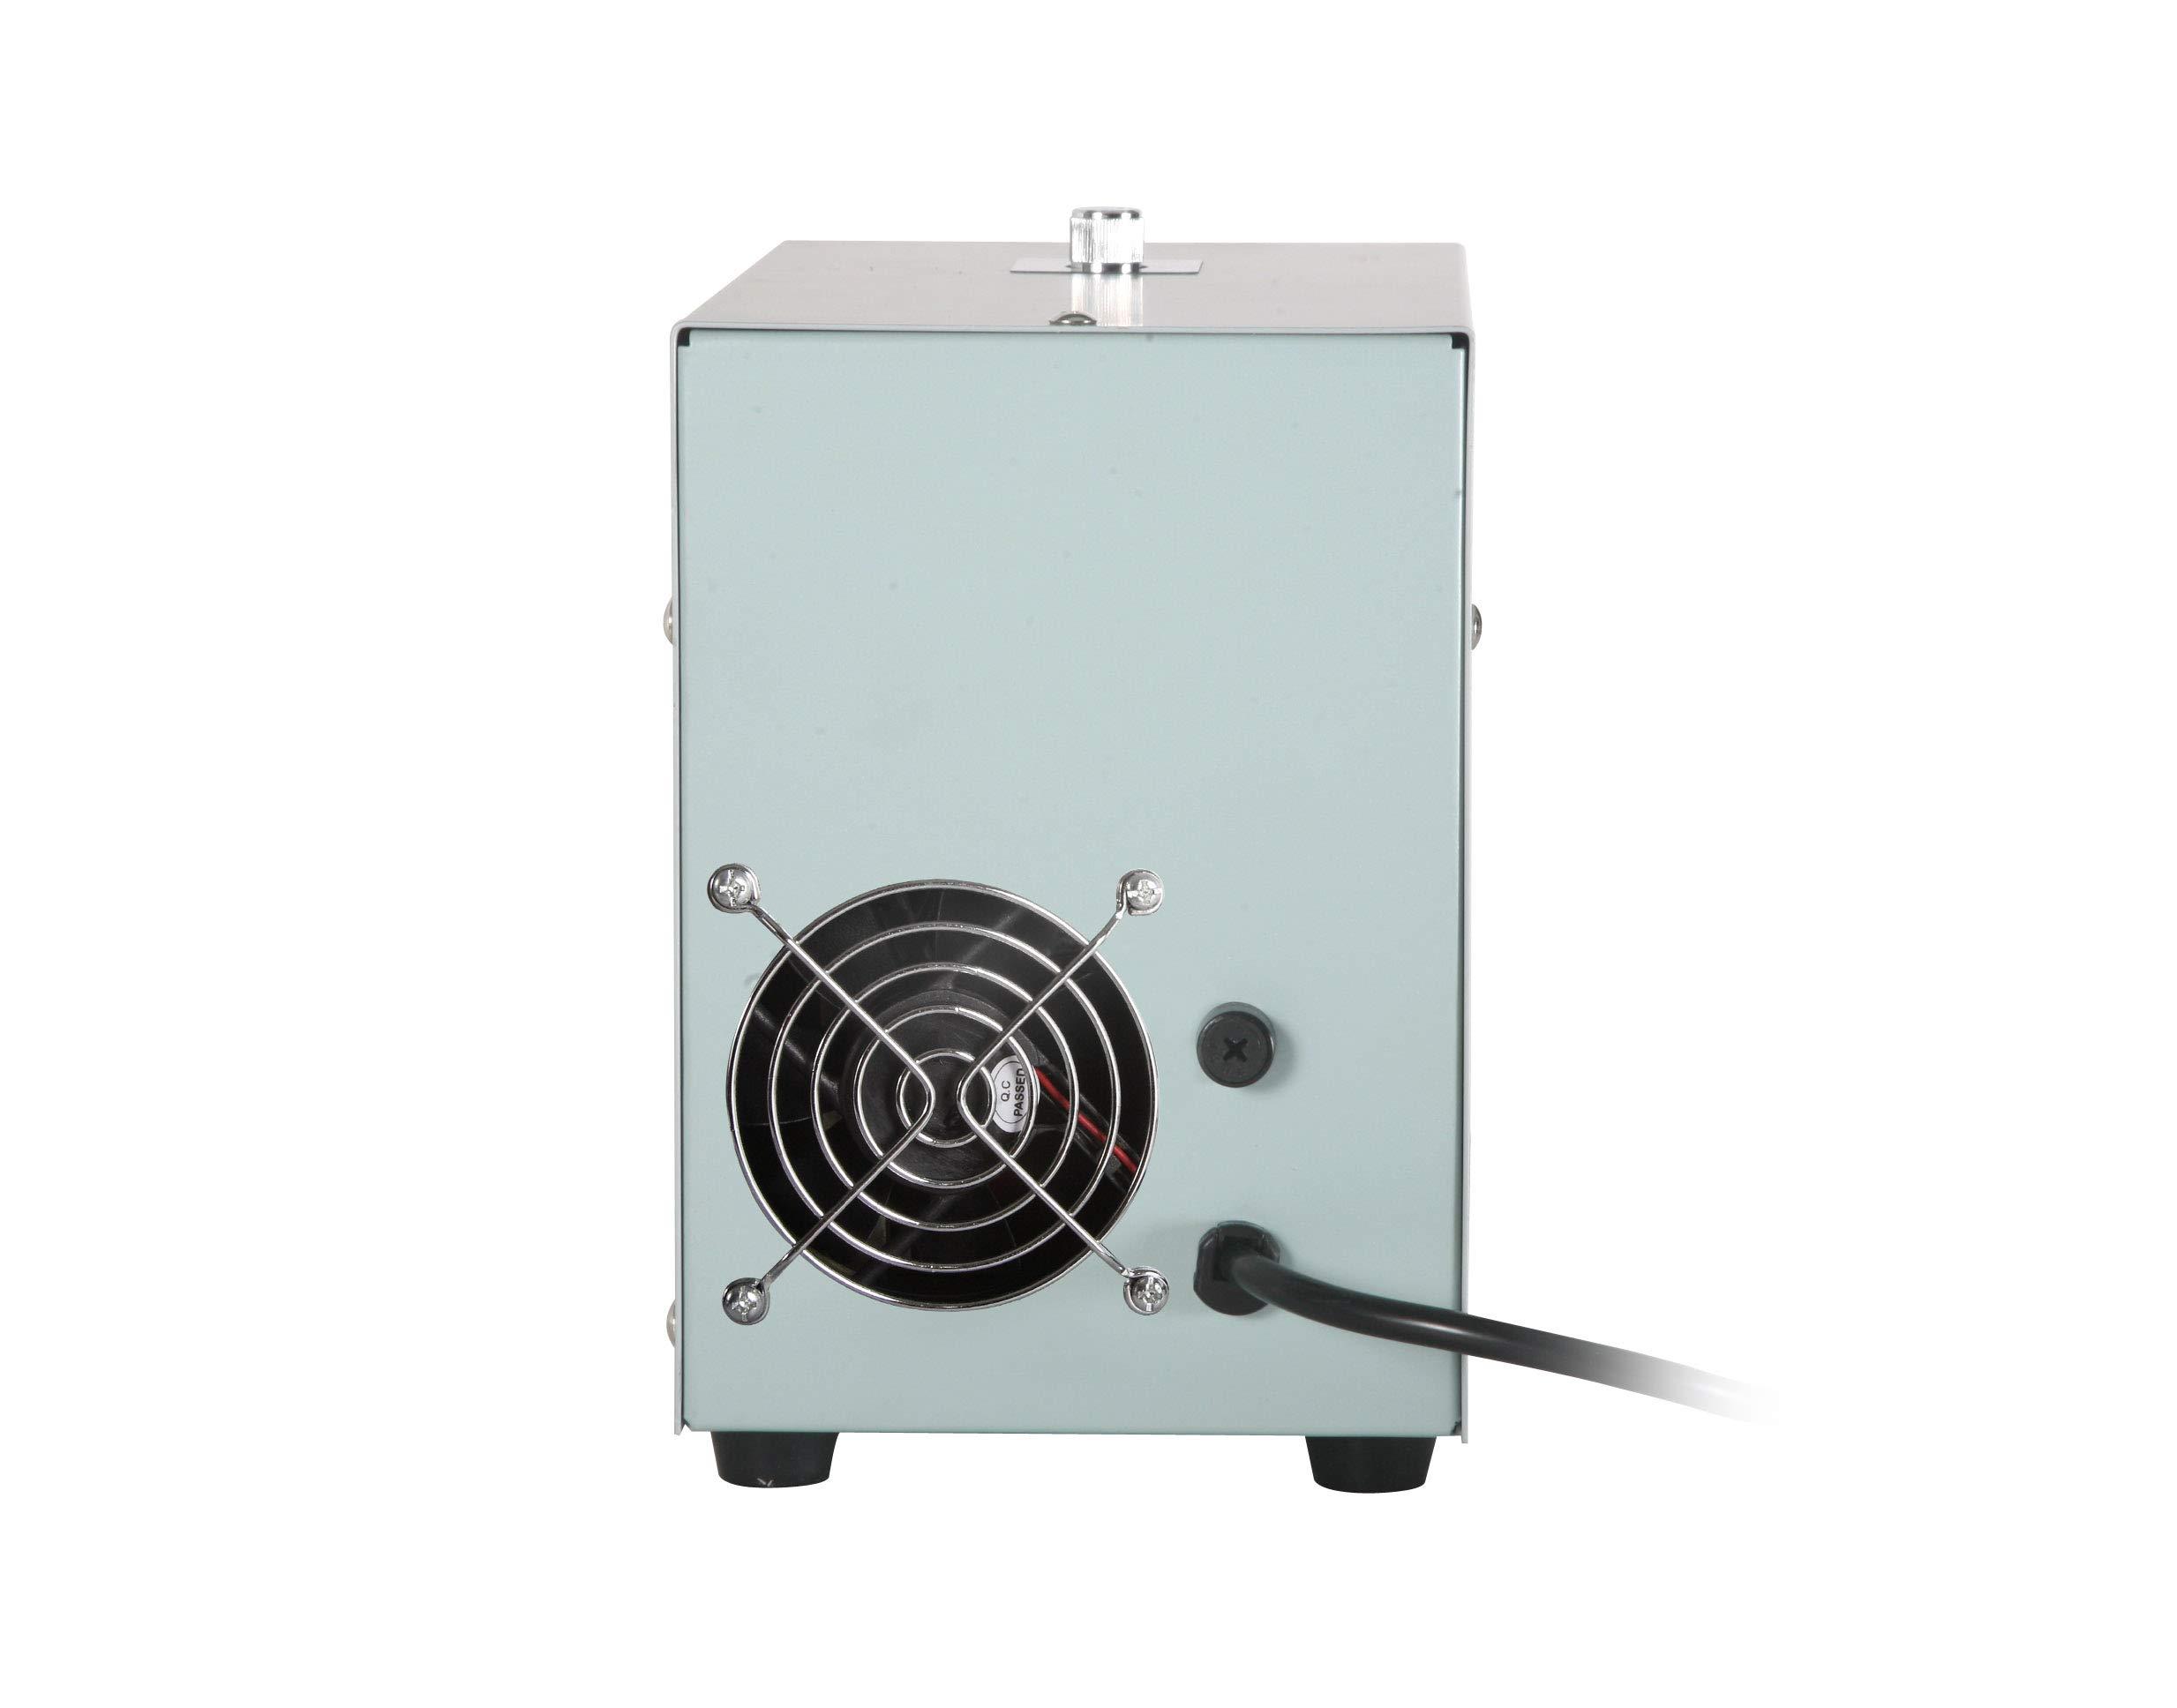 Sunkko 797DH Battery Spot Welder Welding Machine for Lithium Batteries with Soldering Function 0.3mm by SUNKKO